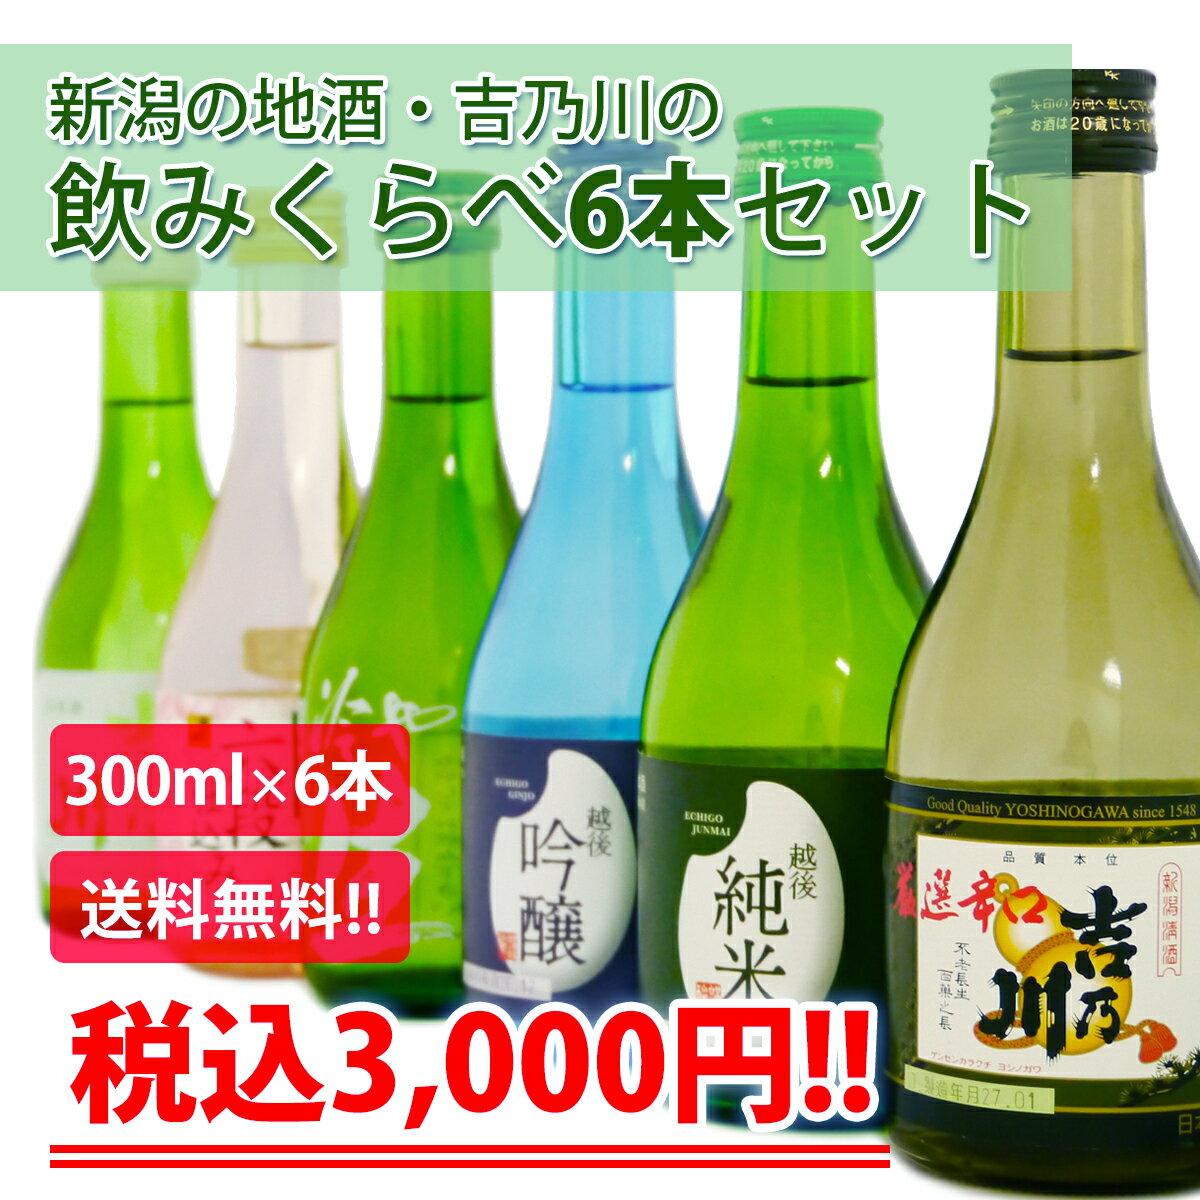 【吉乃川バラエティ6本セット】300ml